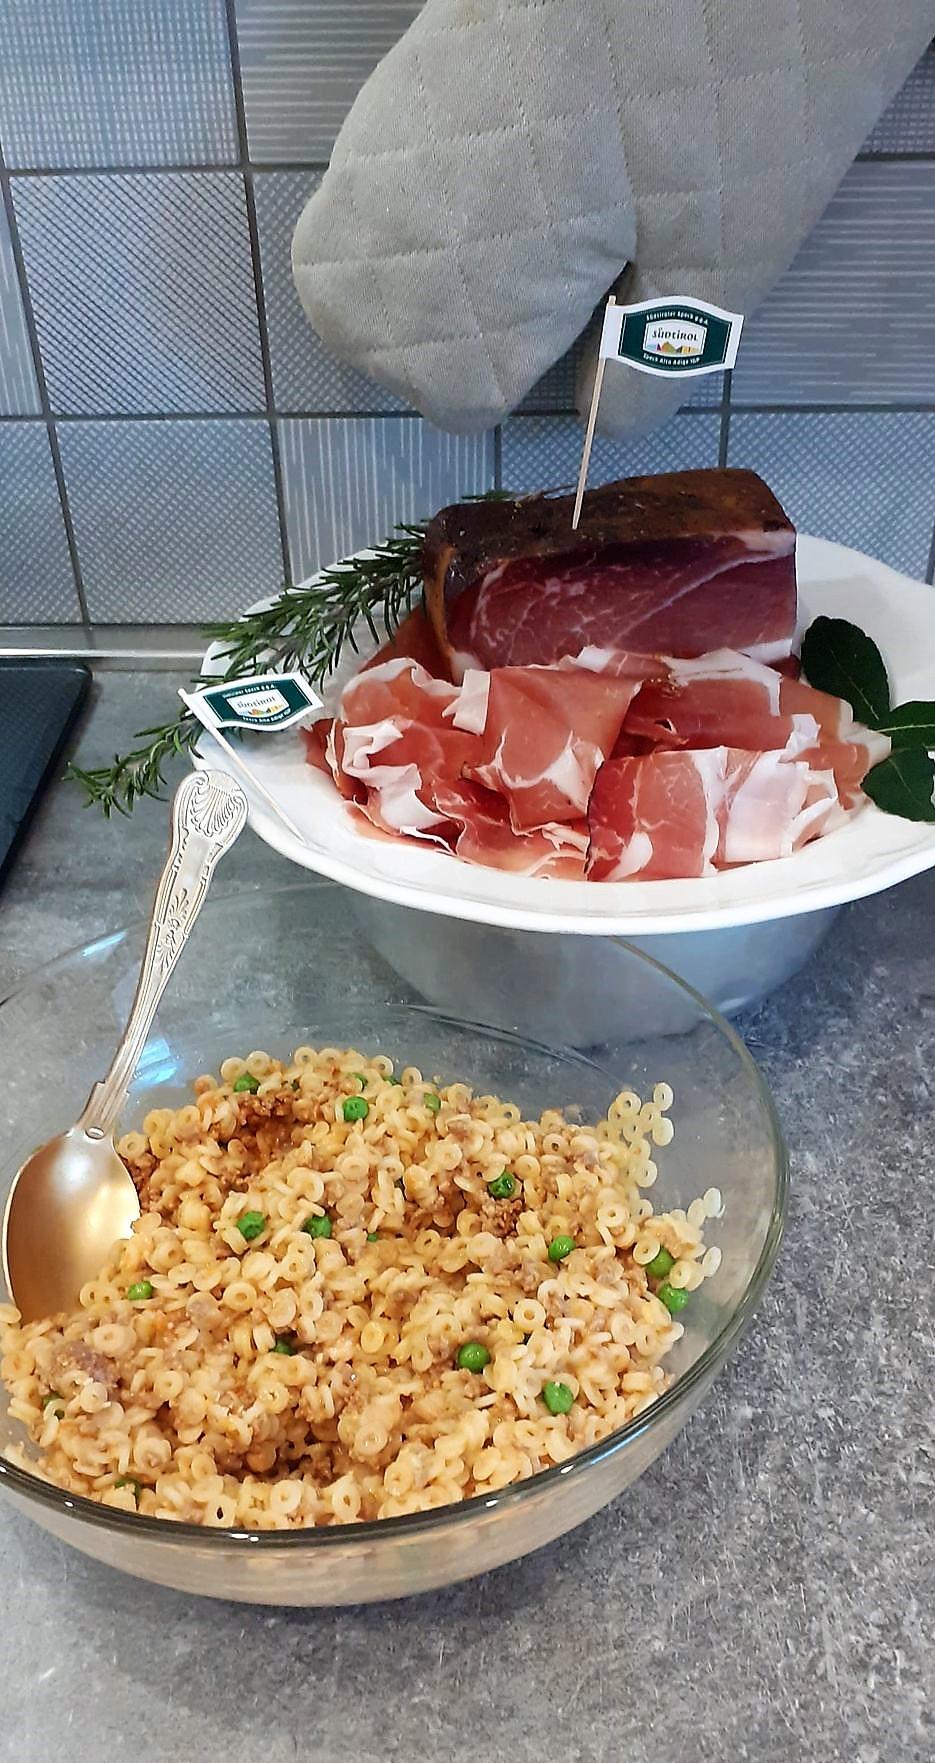 Anelletti di riso al forno con Speck Alto Adige IGP